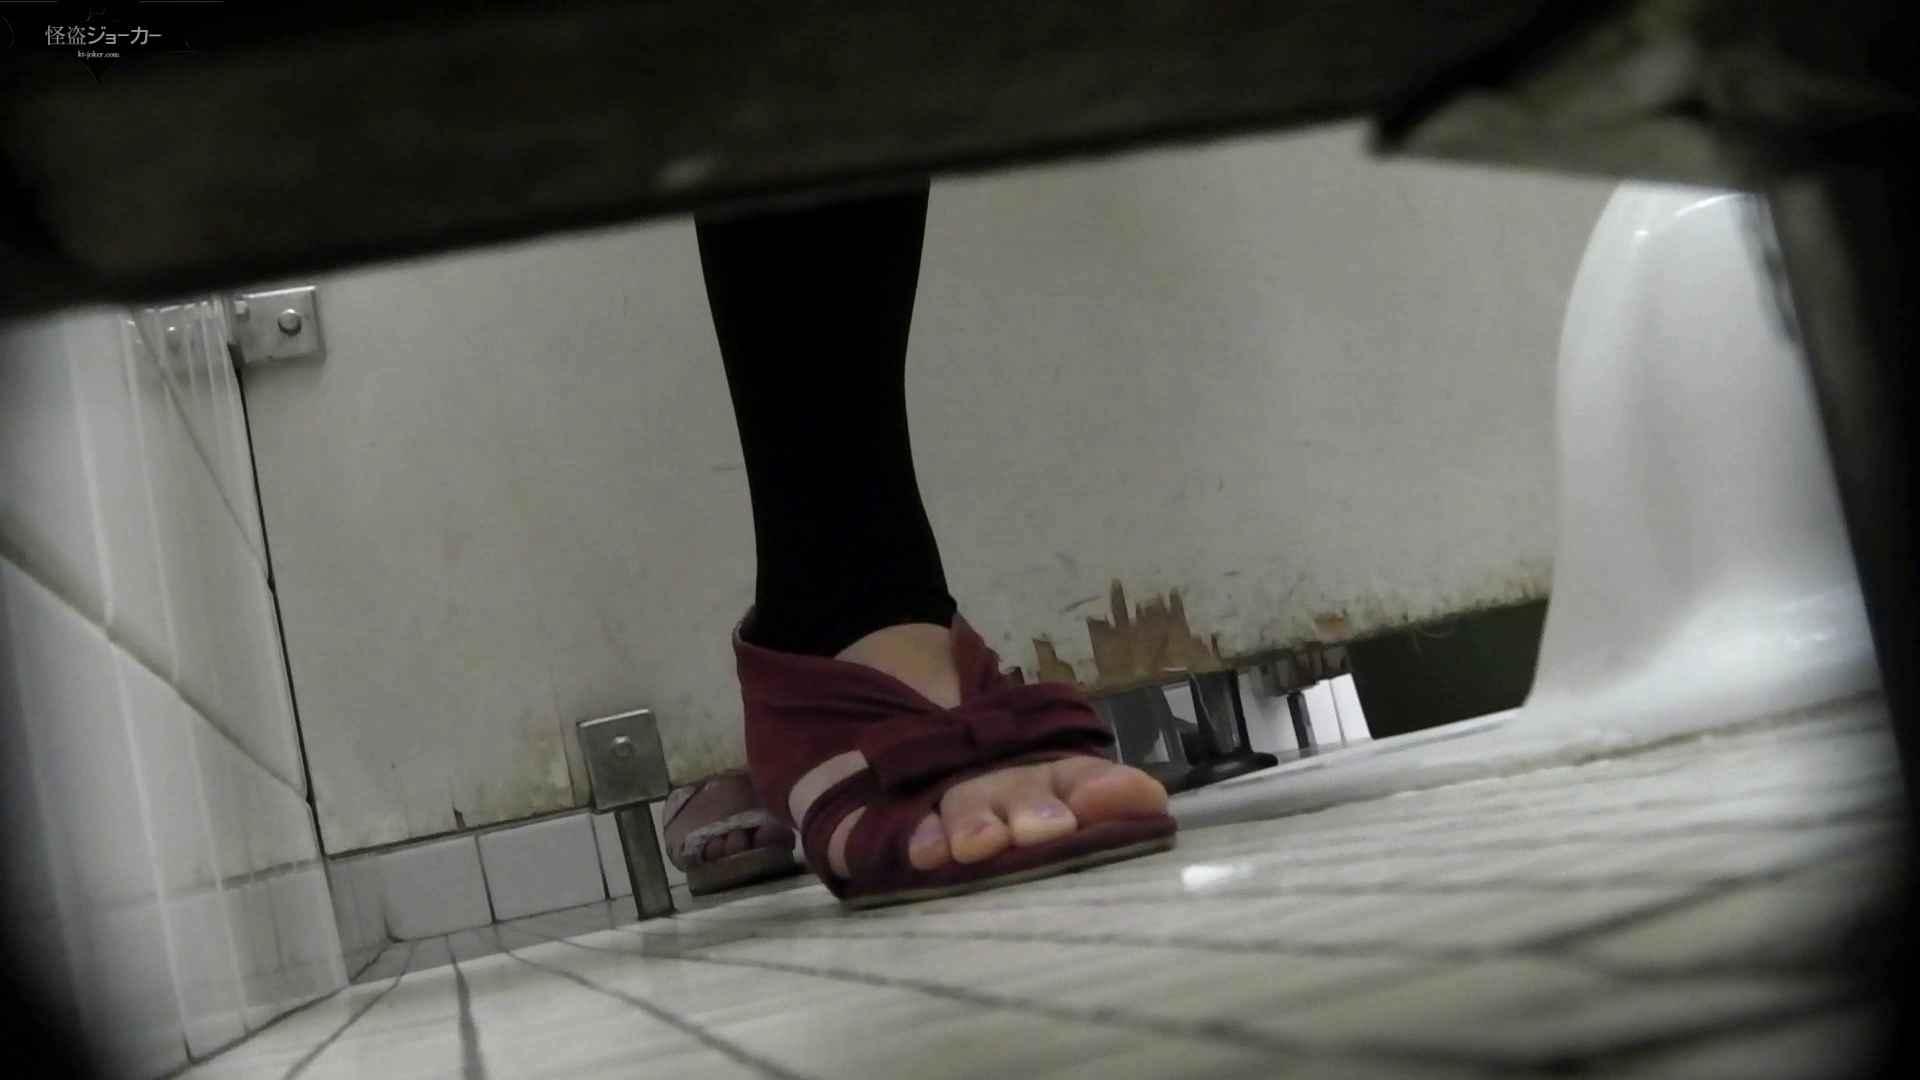 【美しき個室な世界】洗面所特攻隊 vol.051 洗面所着替え   OL  61連発 1